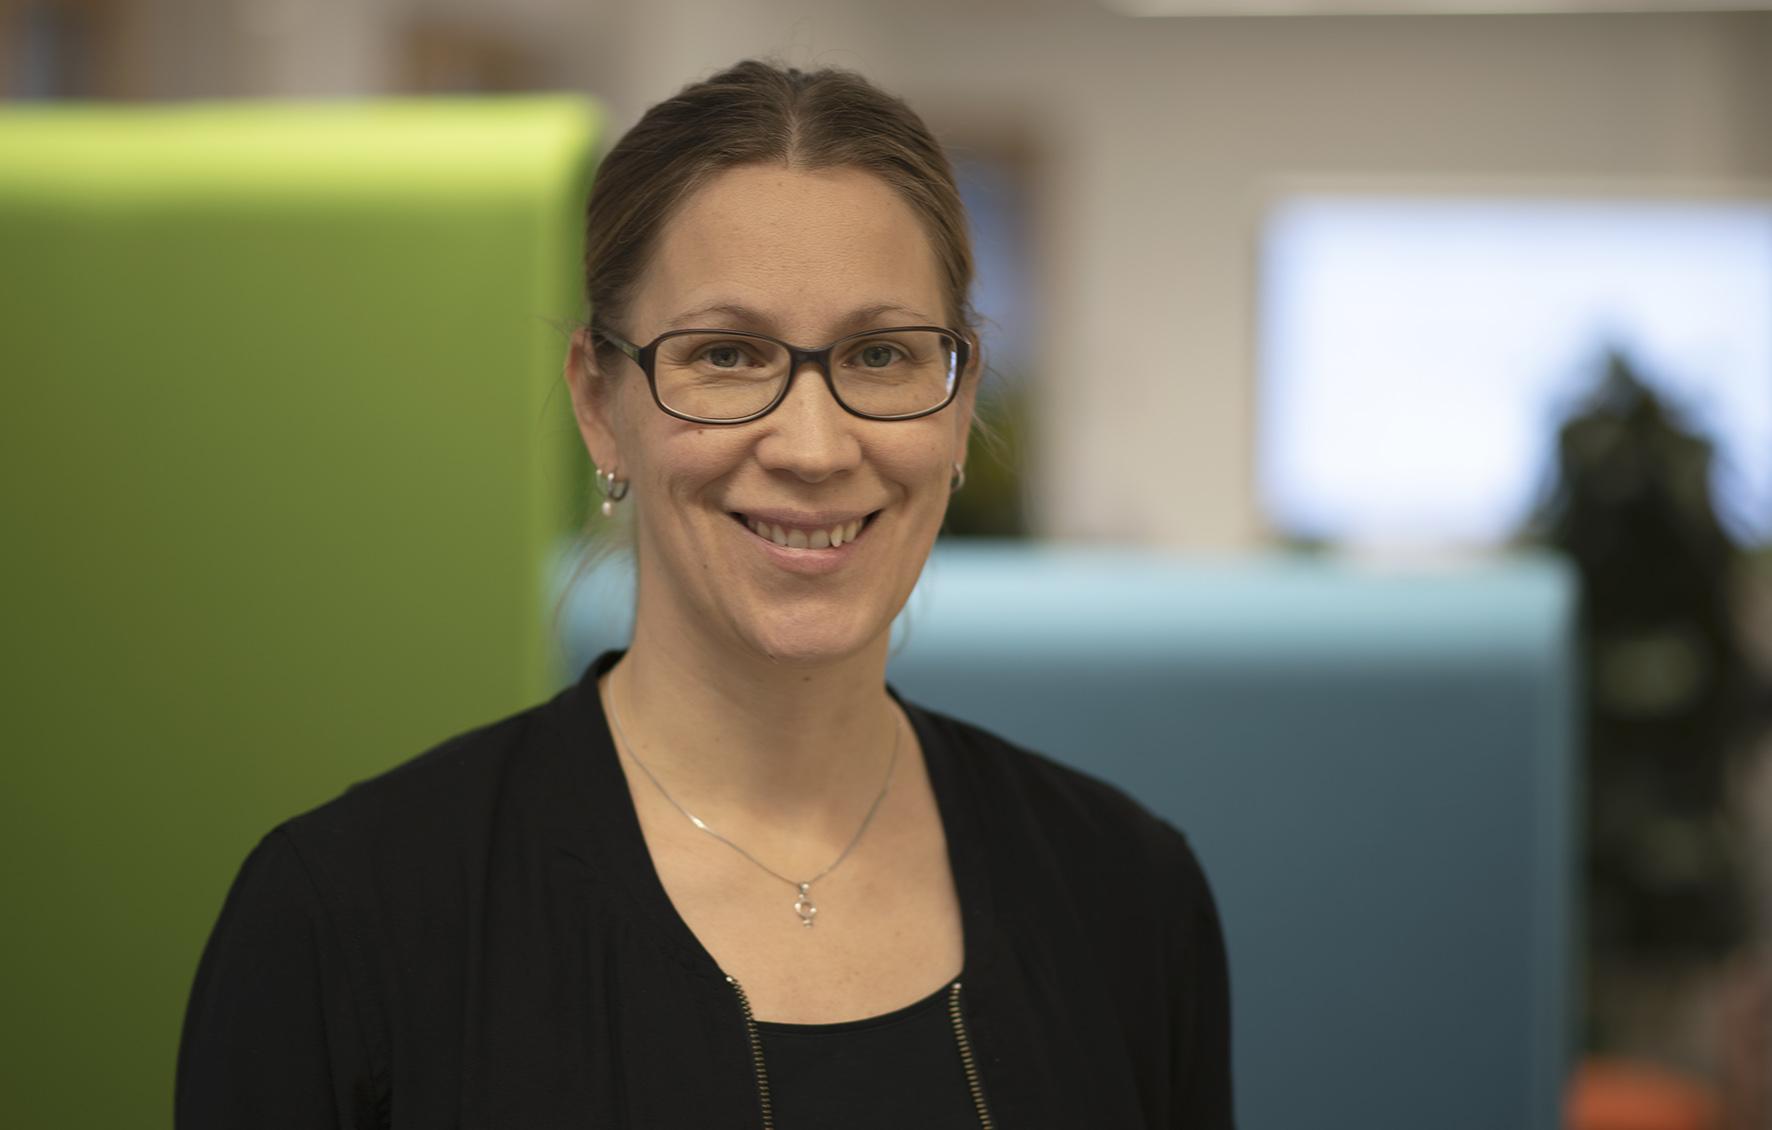 Anna-Lena Jaktlund